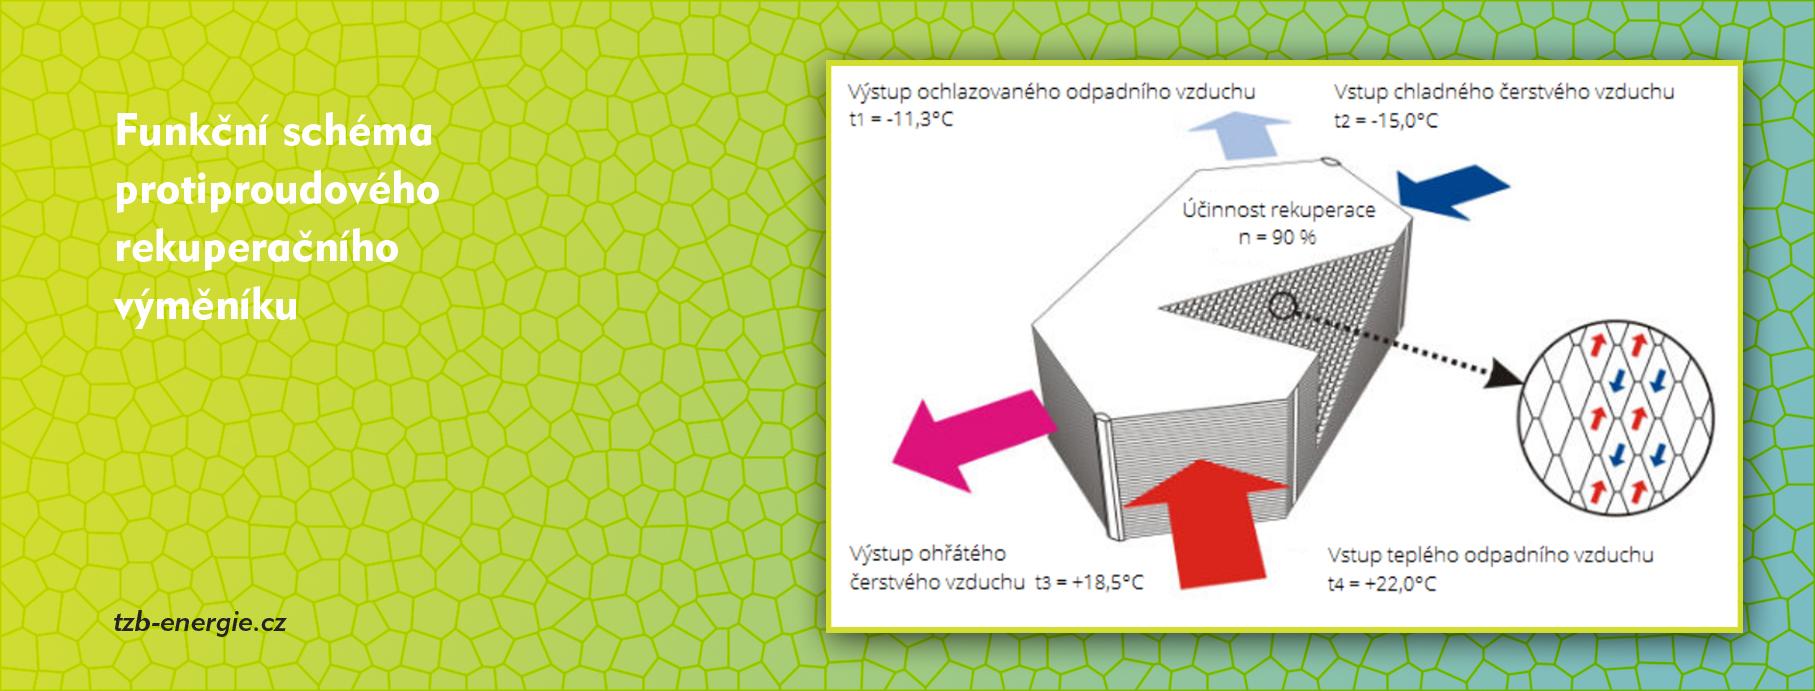 rekuperační jednotka - funkční schéma